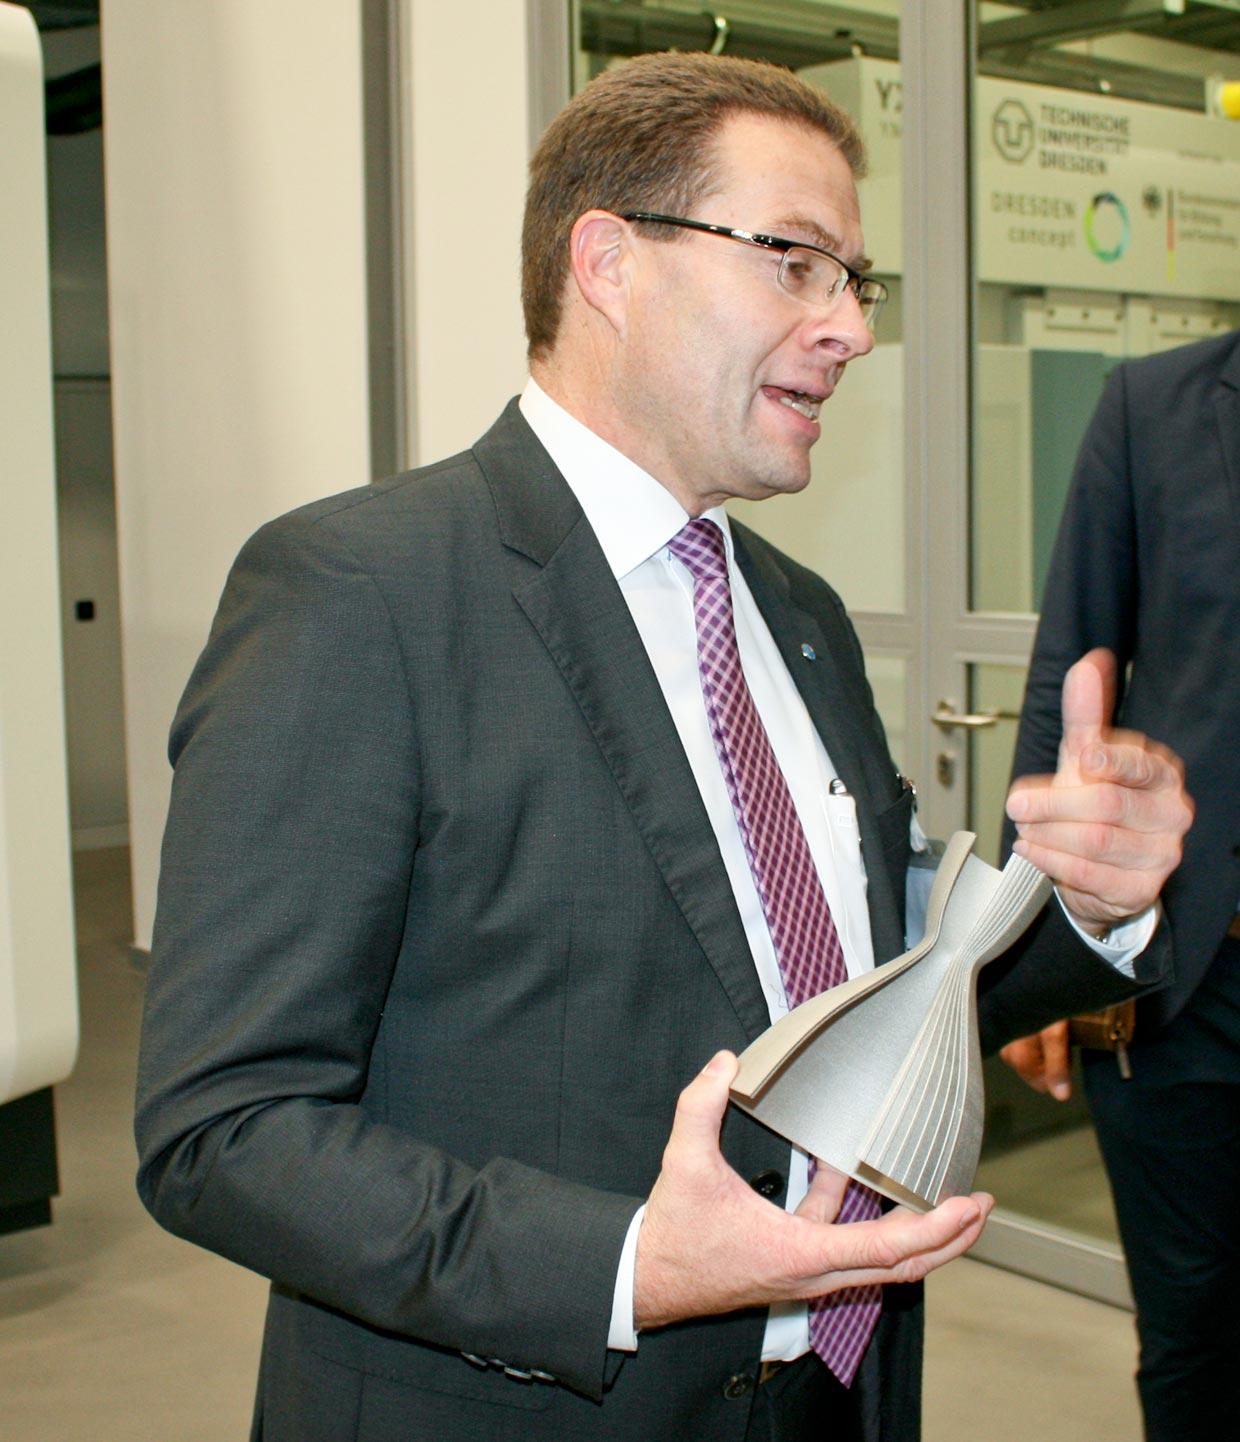 Prof. Christoph Leyens stellt eine additiv gefertigte Brennkammer mit integrierten Kühlkanälen für eine Raumfahrtanwendung vor.